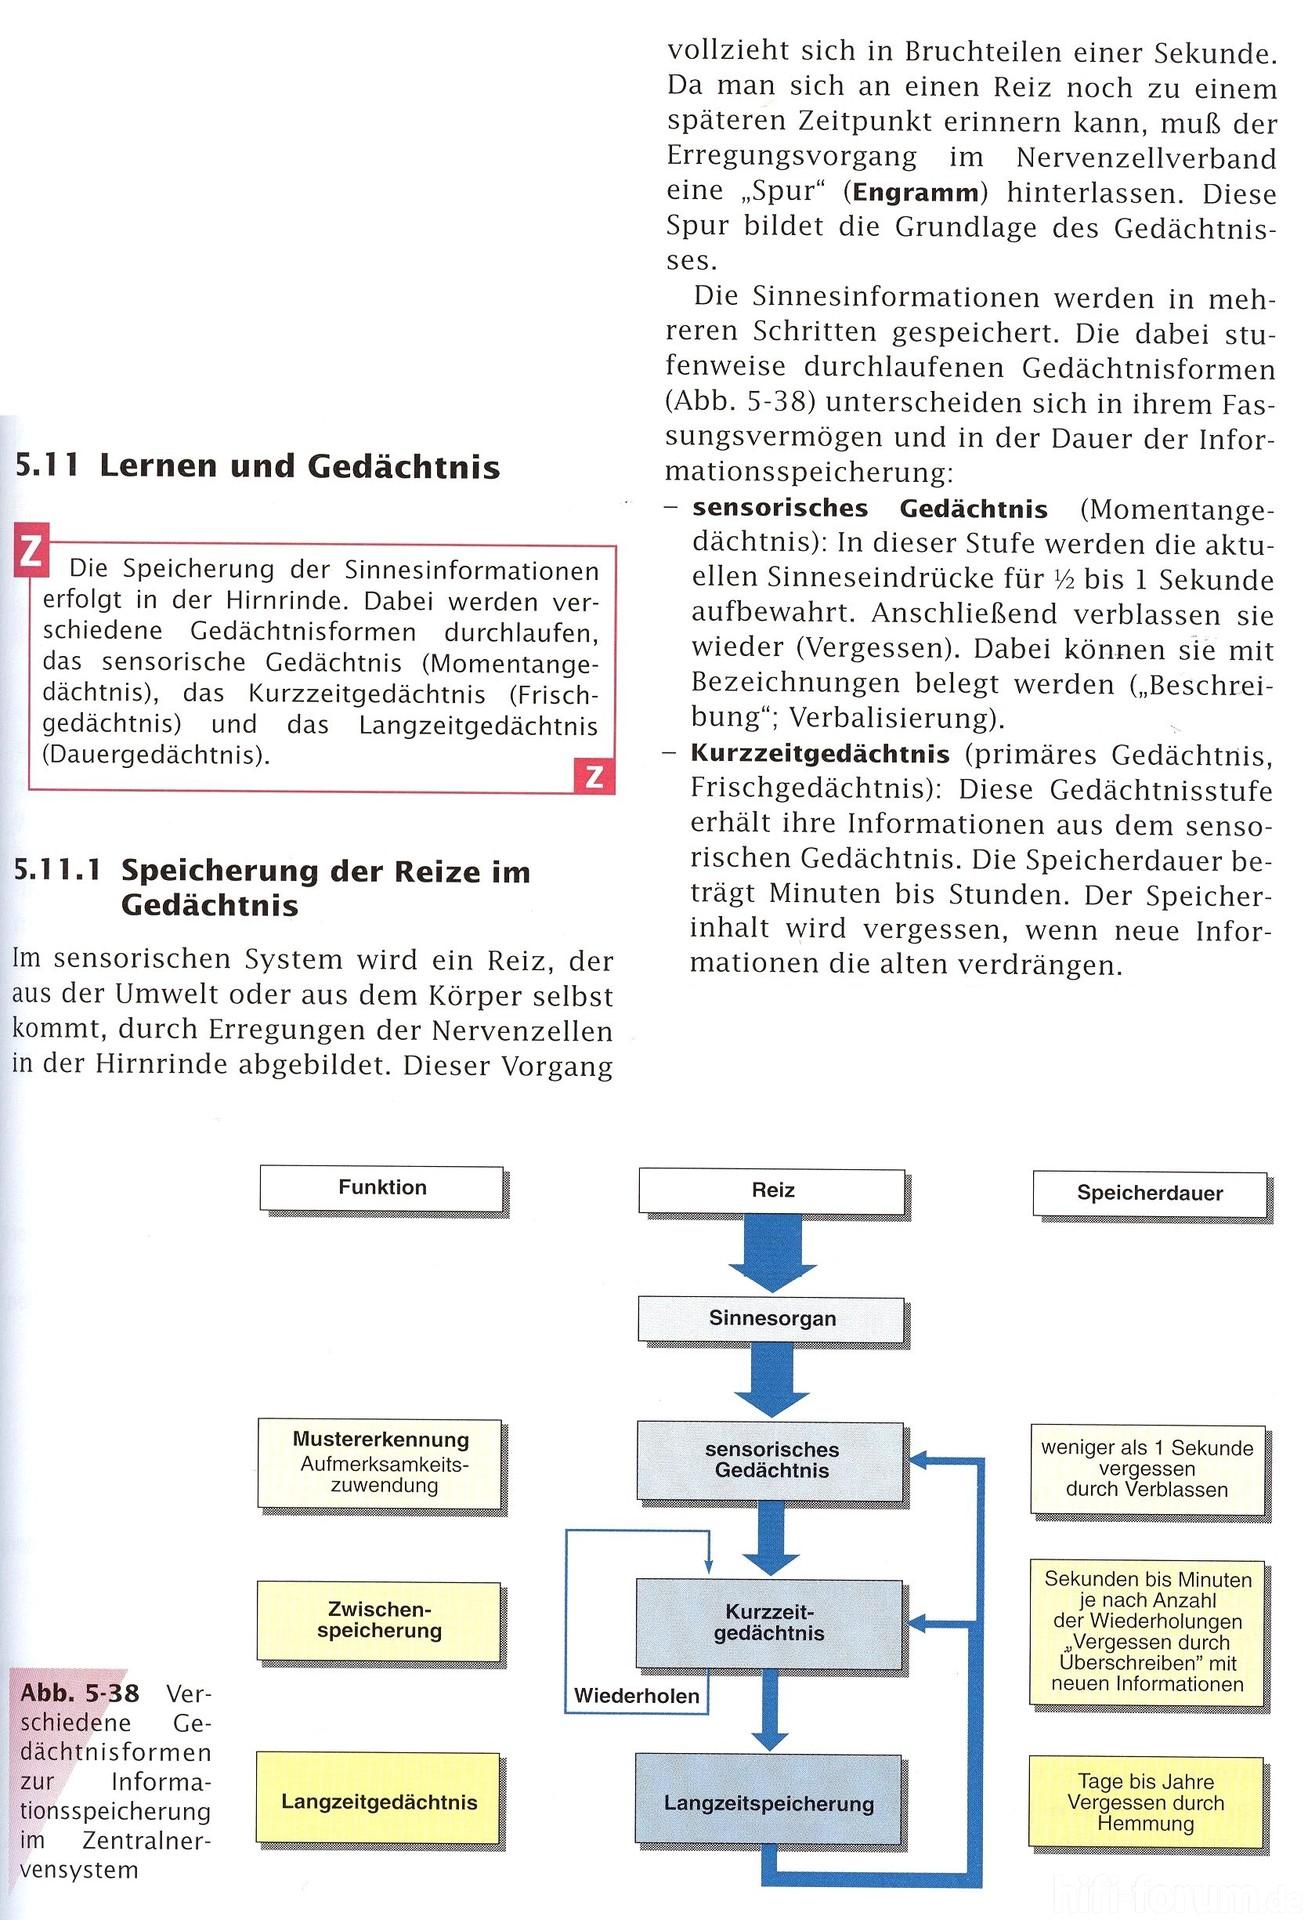 Ausgezeichnet Anatomie Der Hirnrinde Ideen - Menschliche Anatomie ...